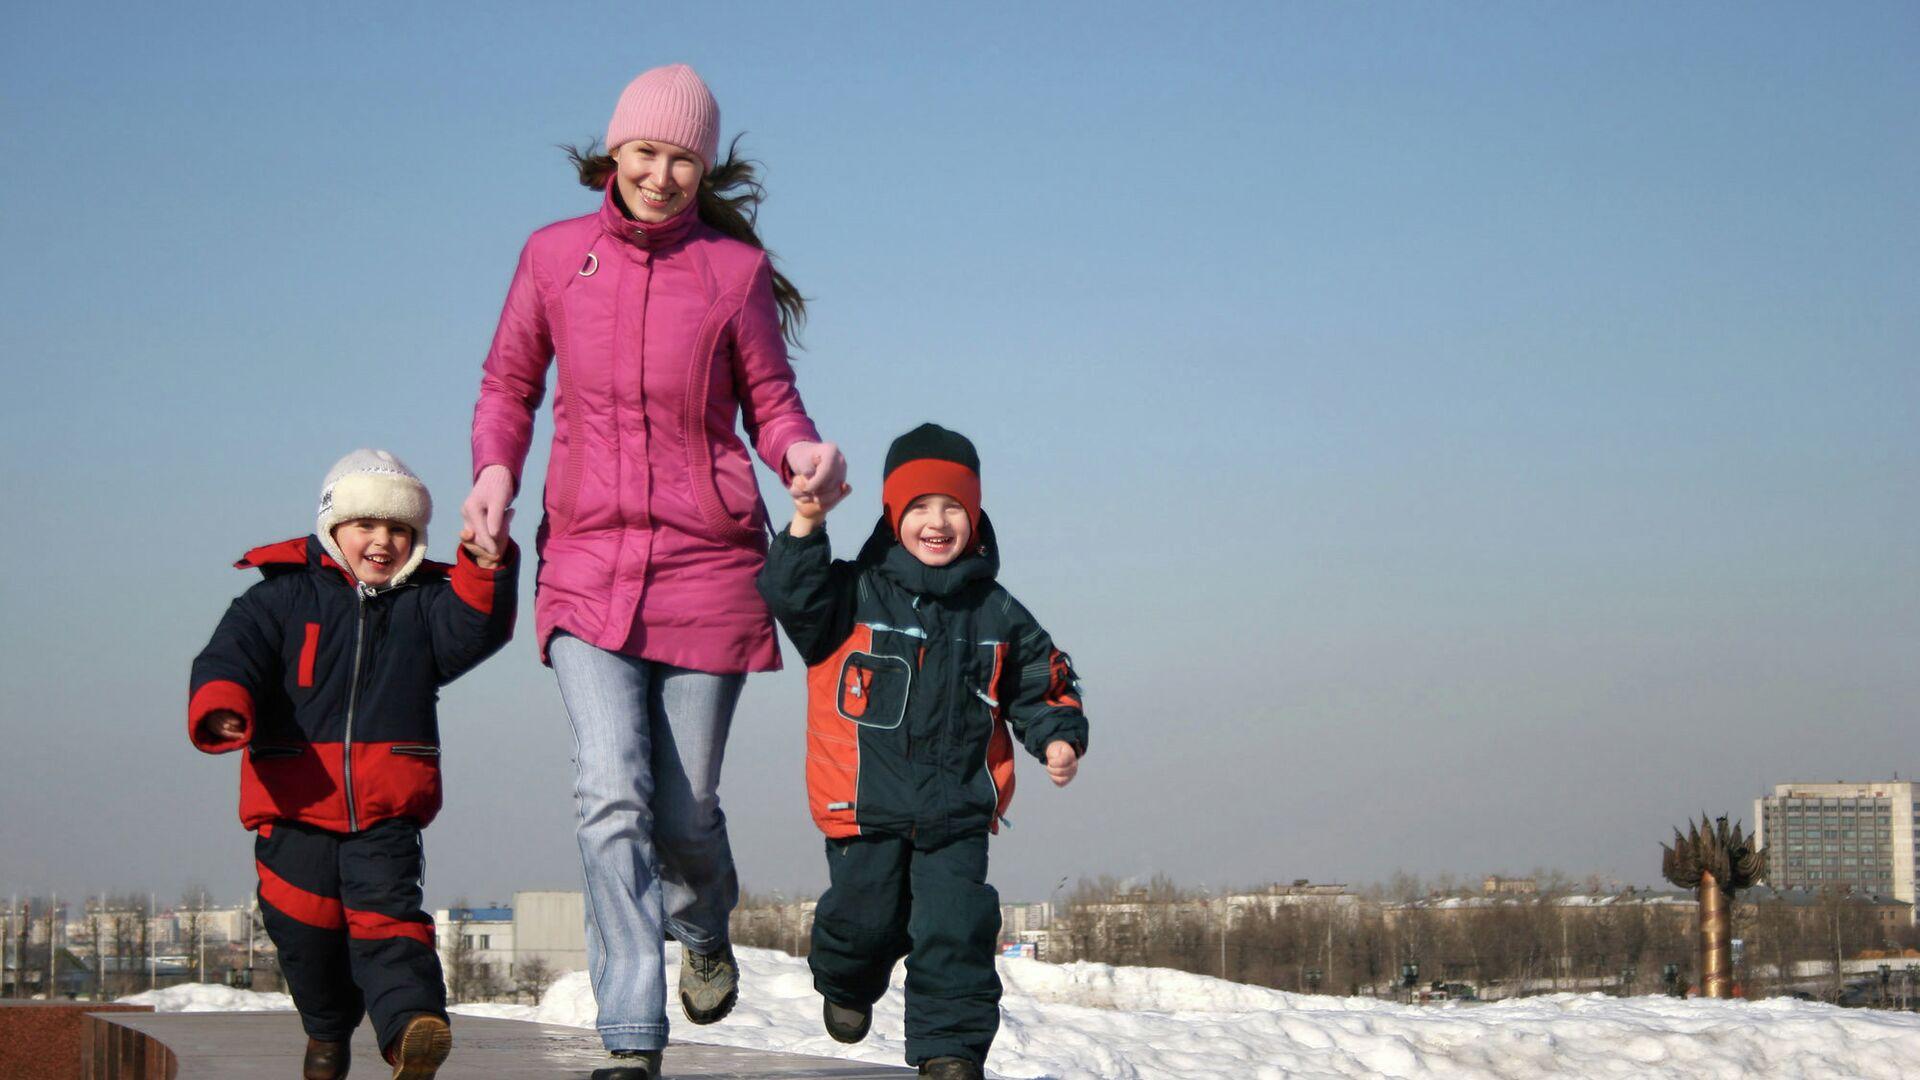 Мама гуляет с детьми - РИА Новости, 1920, 18.02.2021